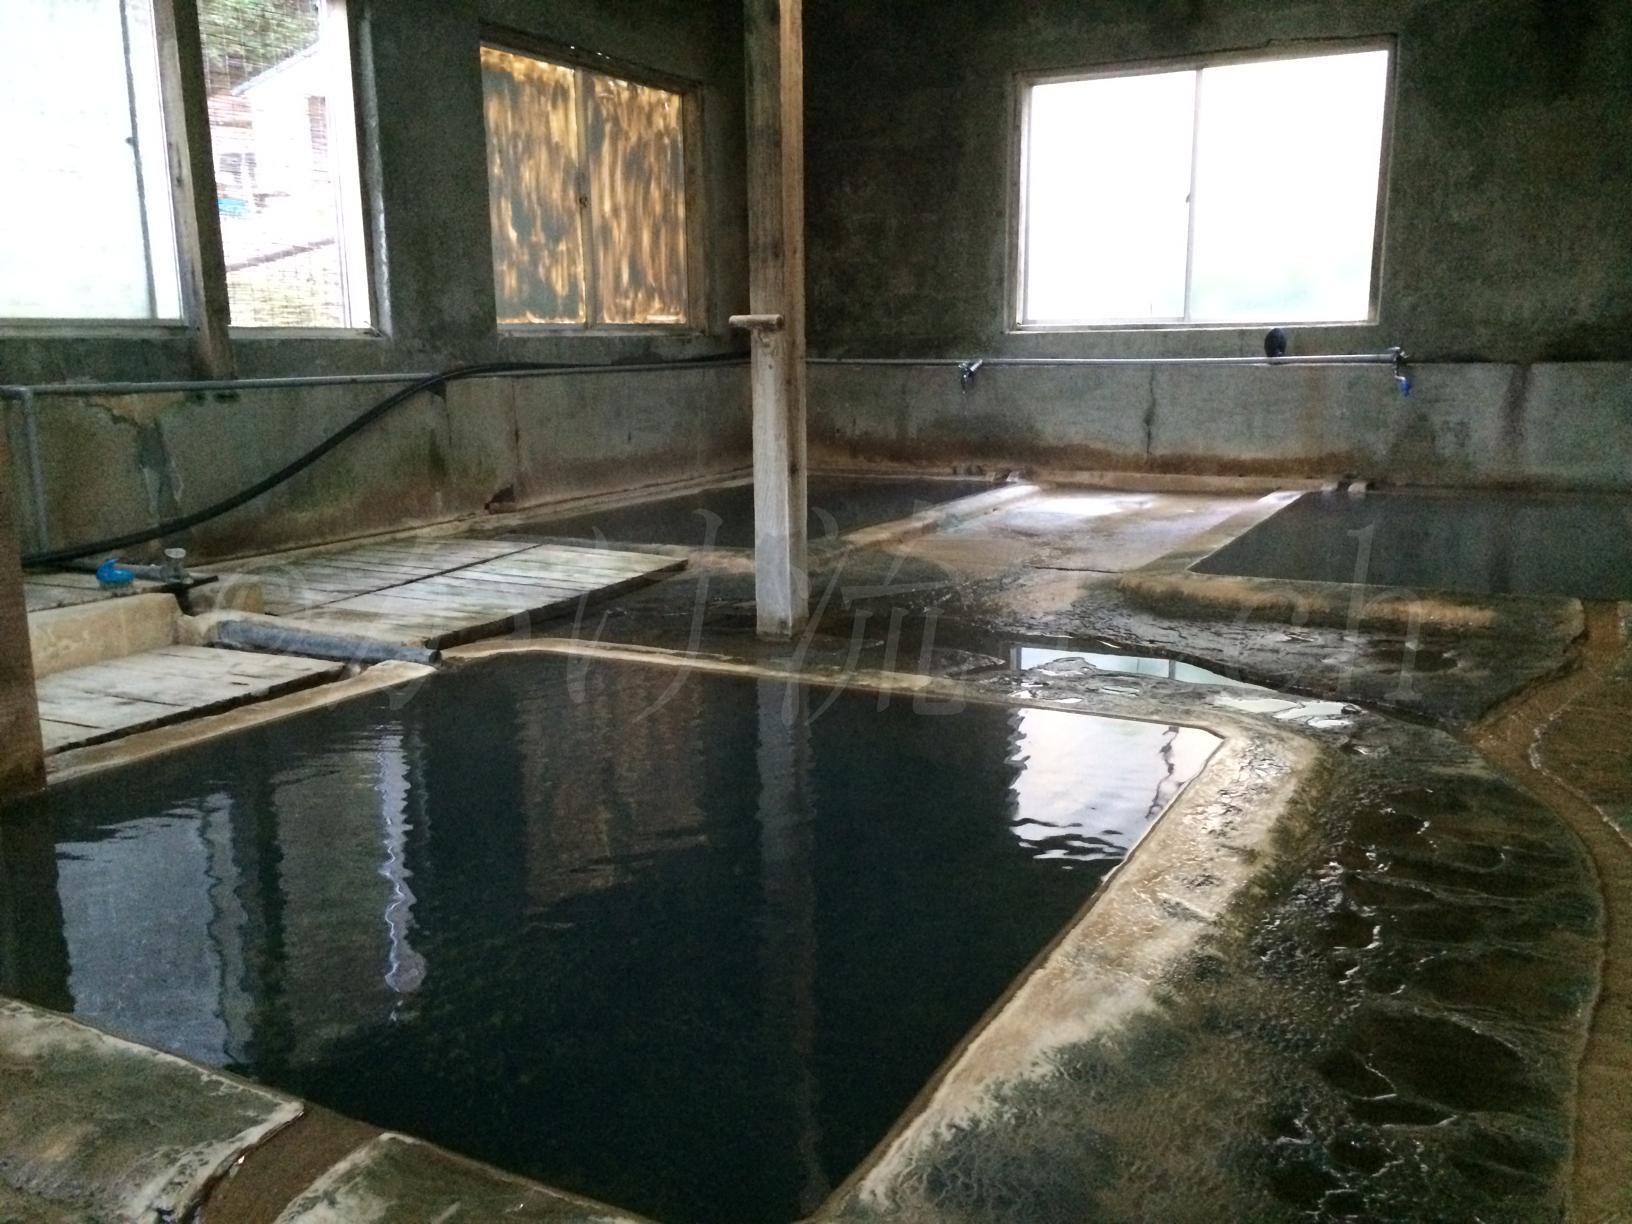 濁川温泉新栄館に宿泊し油臭が香る絶品混浴風呂を独り占め!